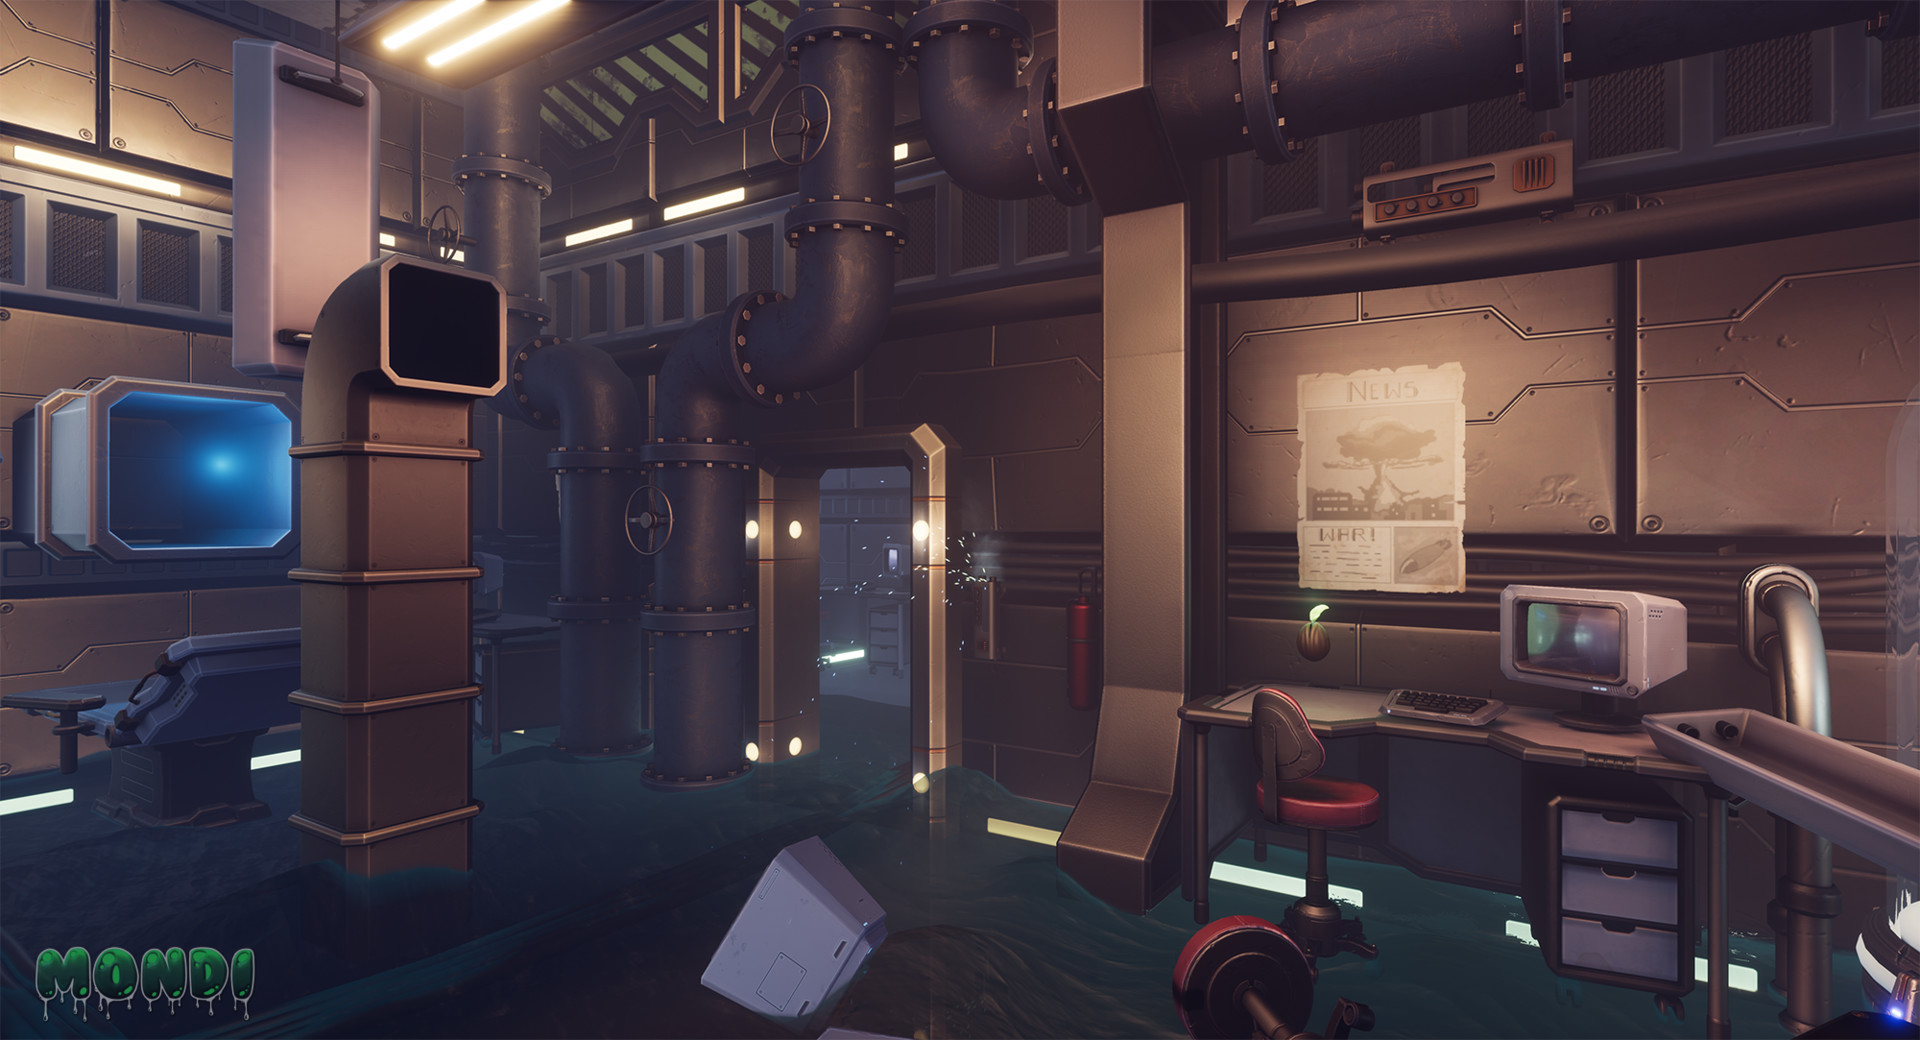 Erik hammarback mondi screenshot 02